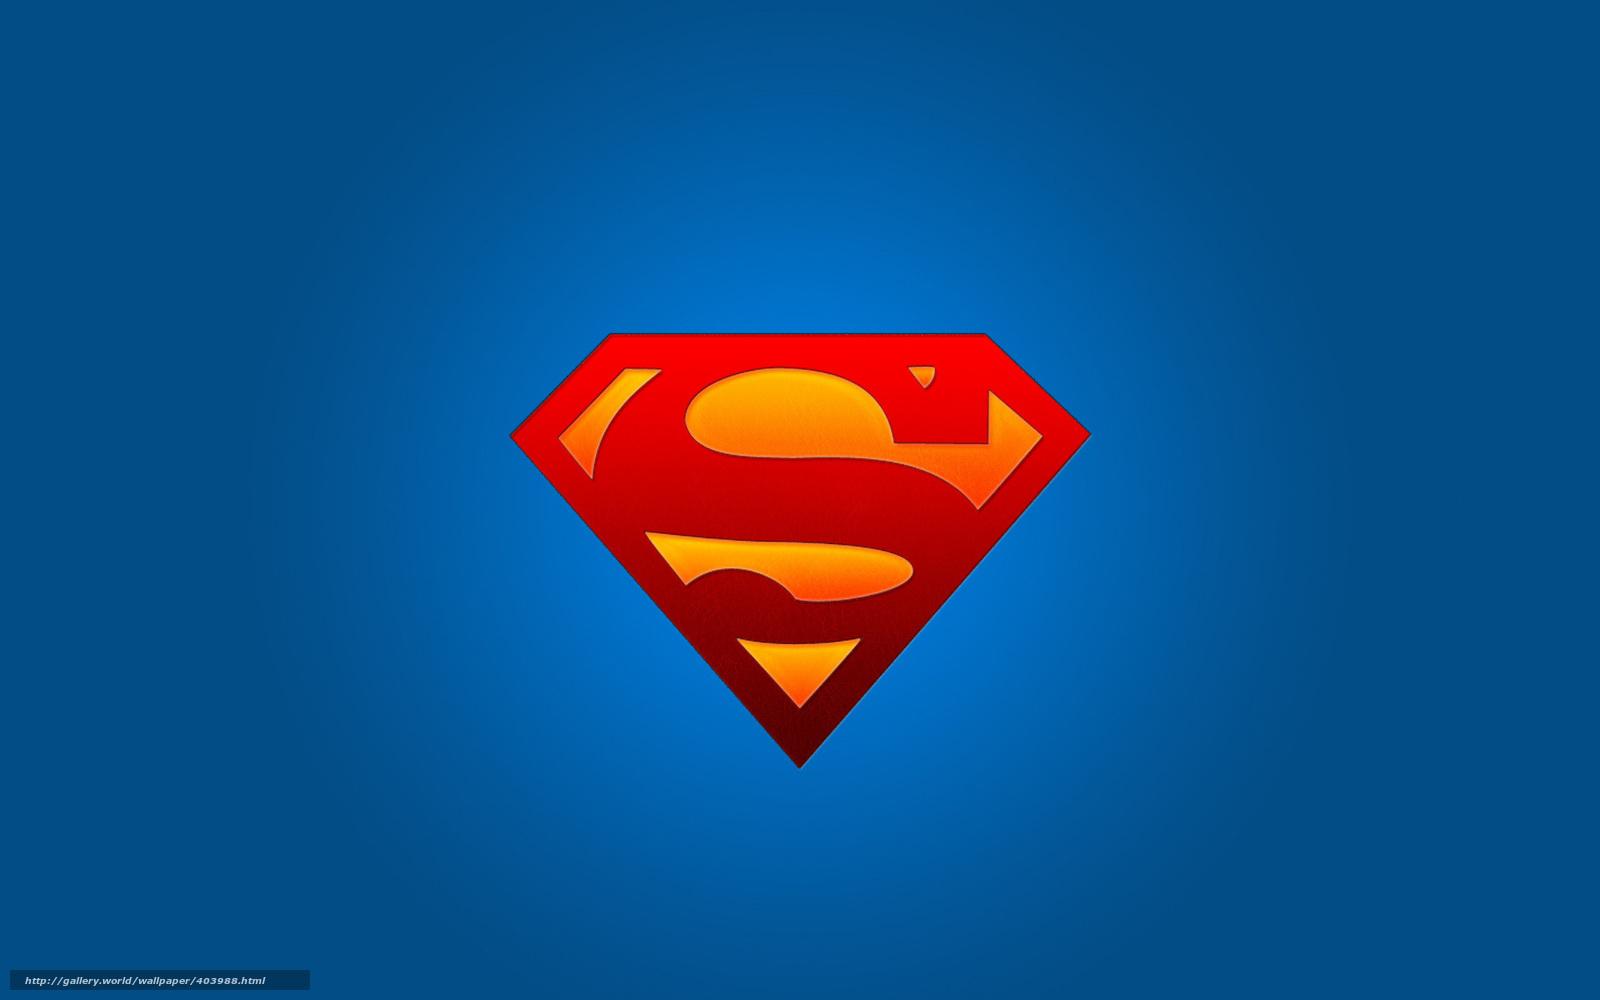 Tlcharger fond d 39 ecran superman logo symbole super hros - Symbole de superman ...